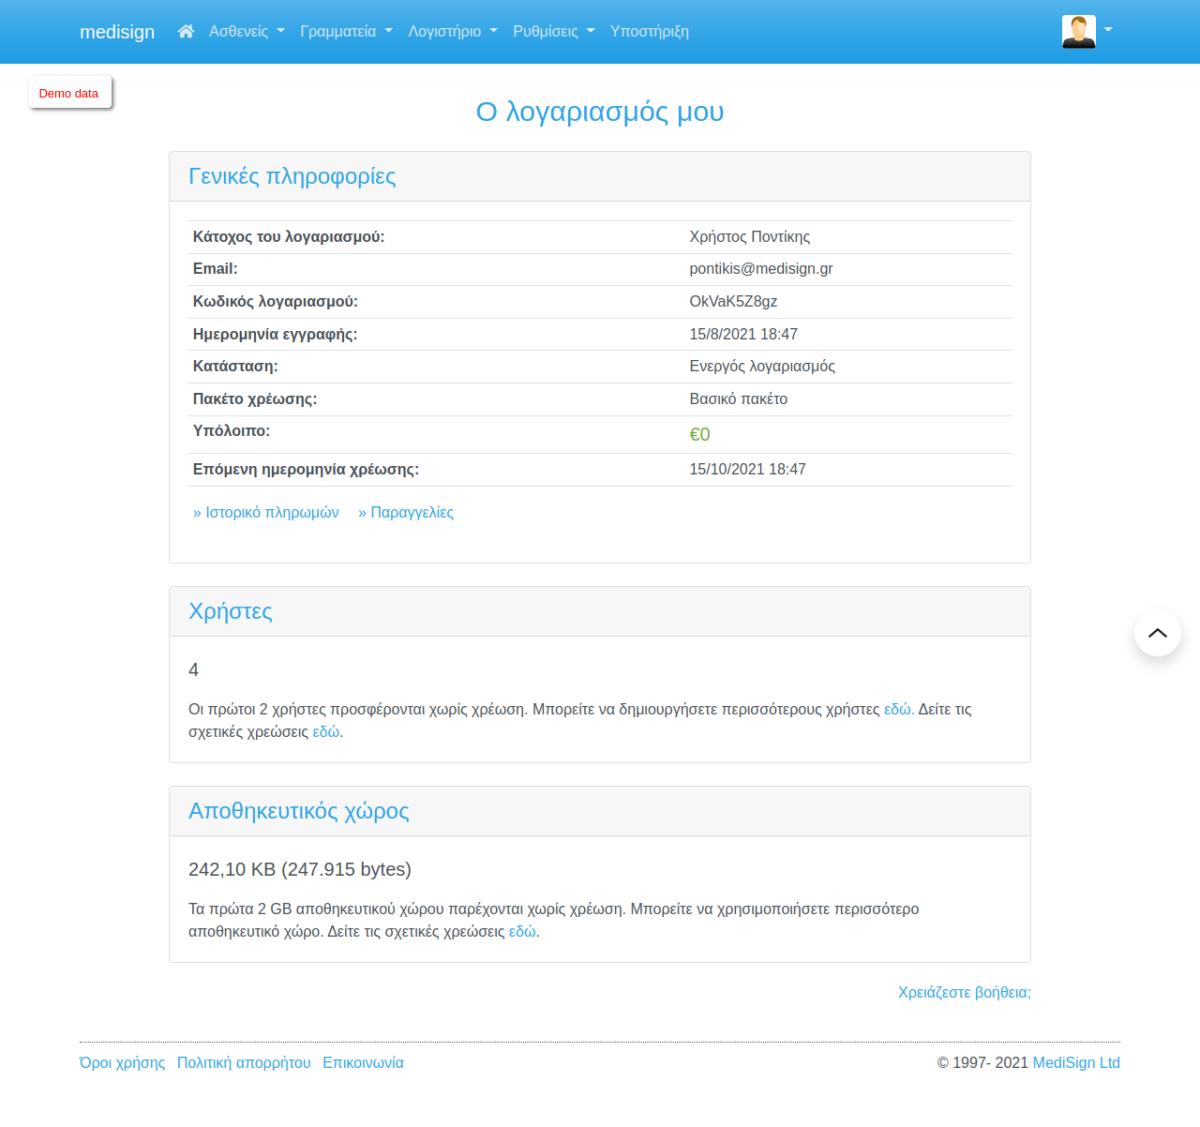 MediSign.gr screenshots - Ο λογαριασμός μου